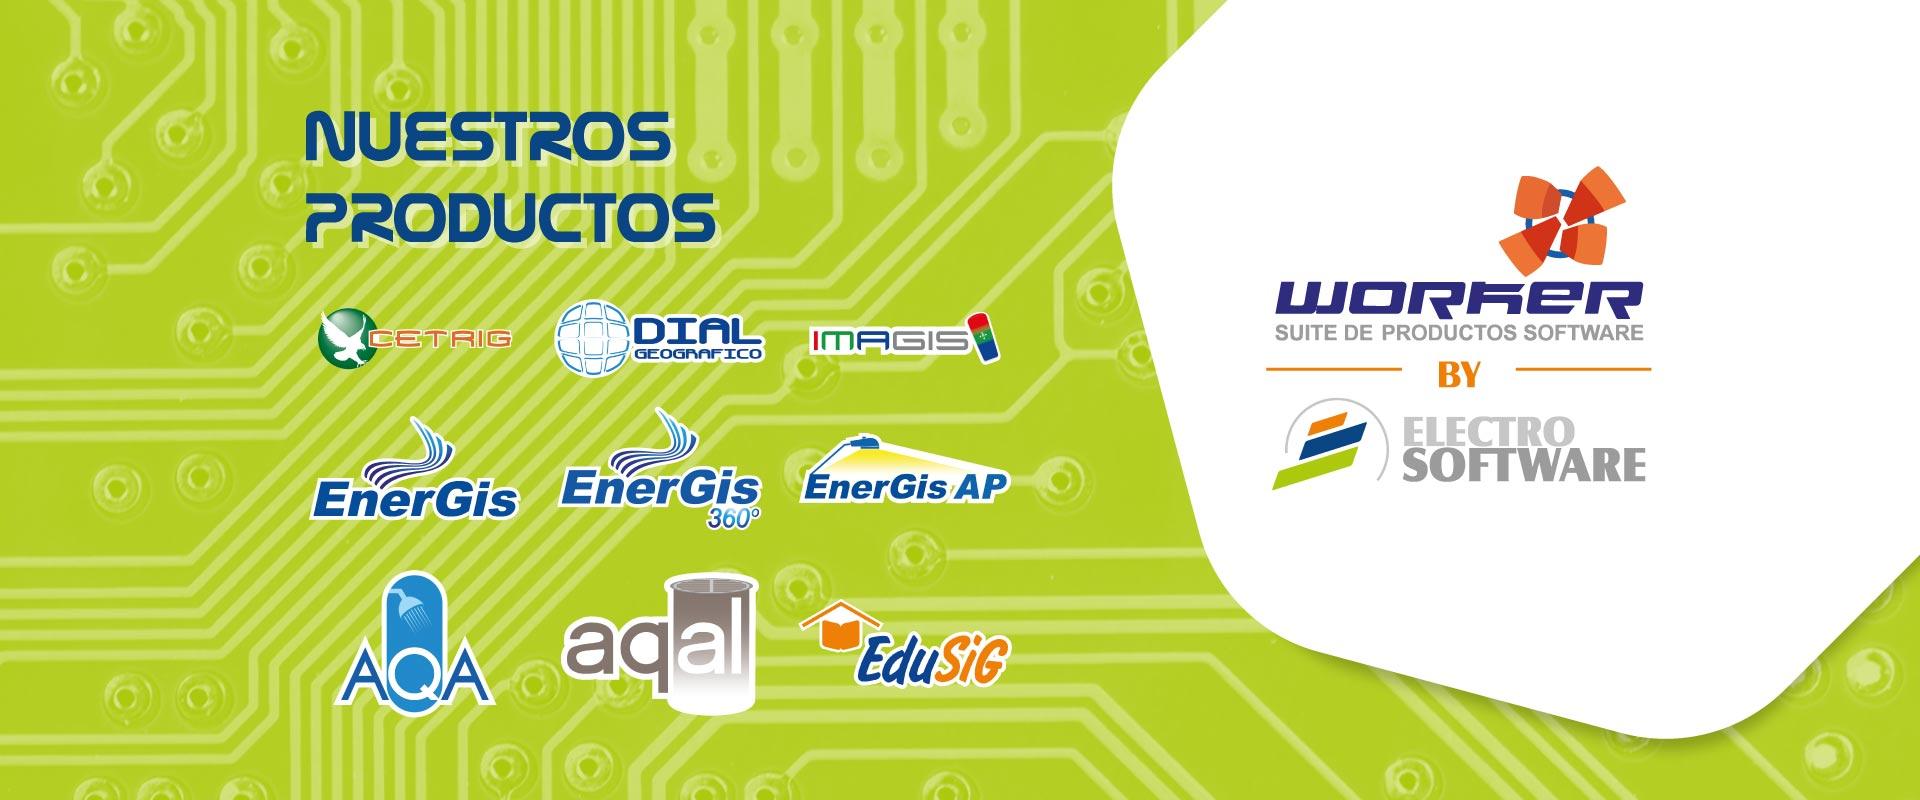 Imagen de Productos ElectroSoftware Software y tecnología Bucaramanga mintic